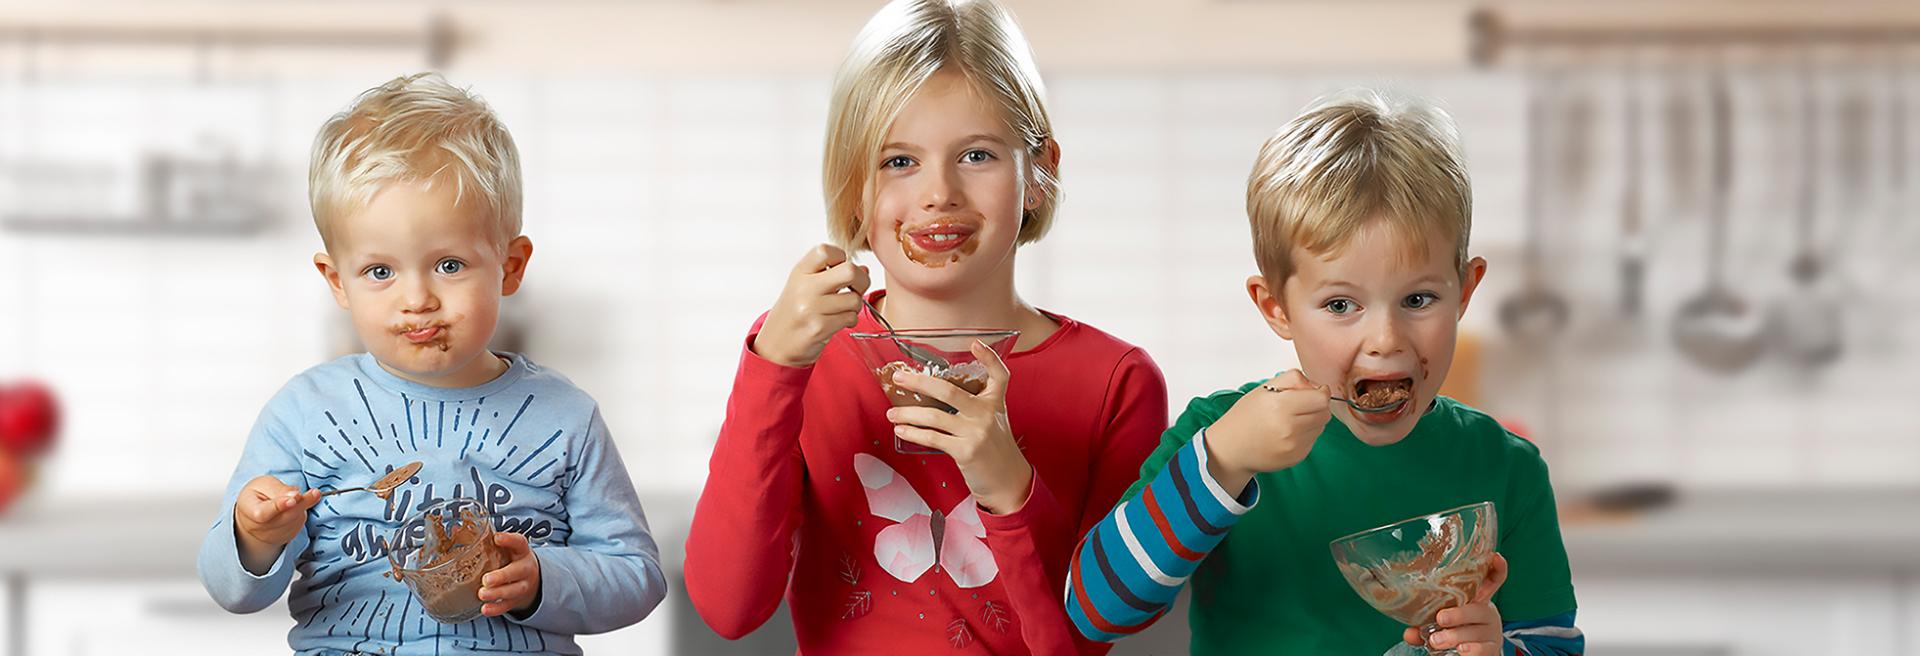 Kinder die Eis essen